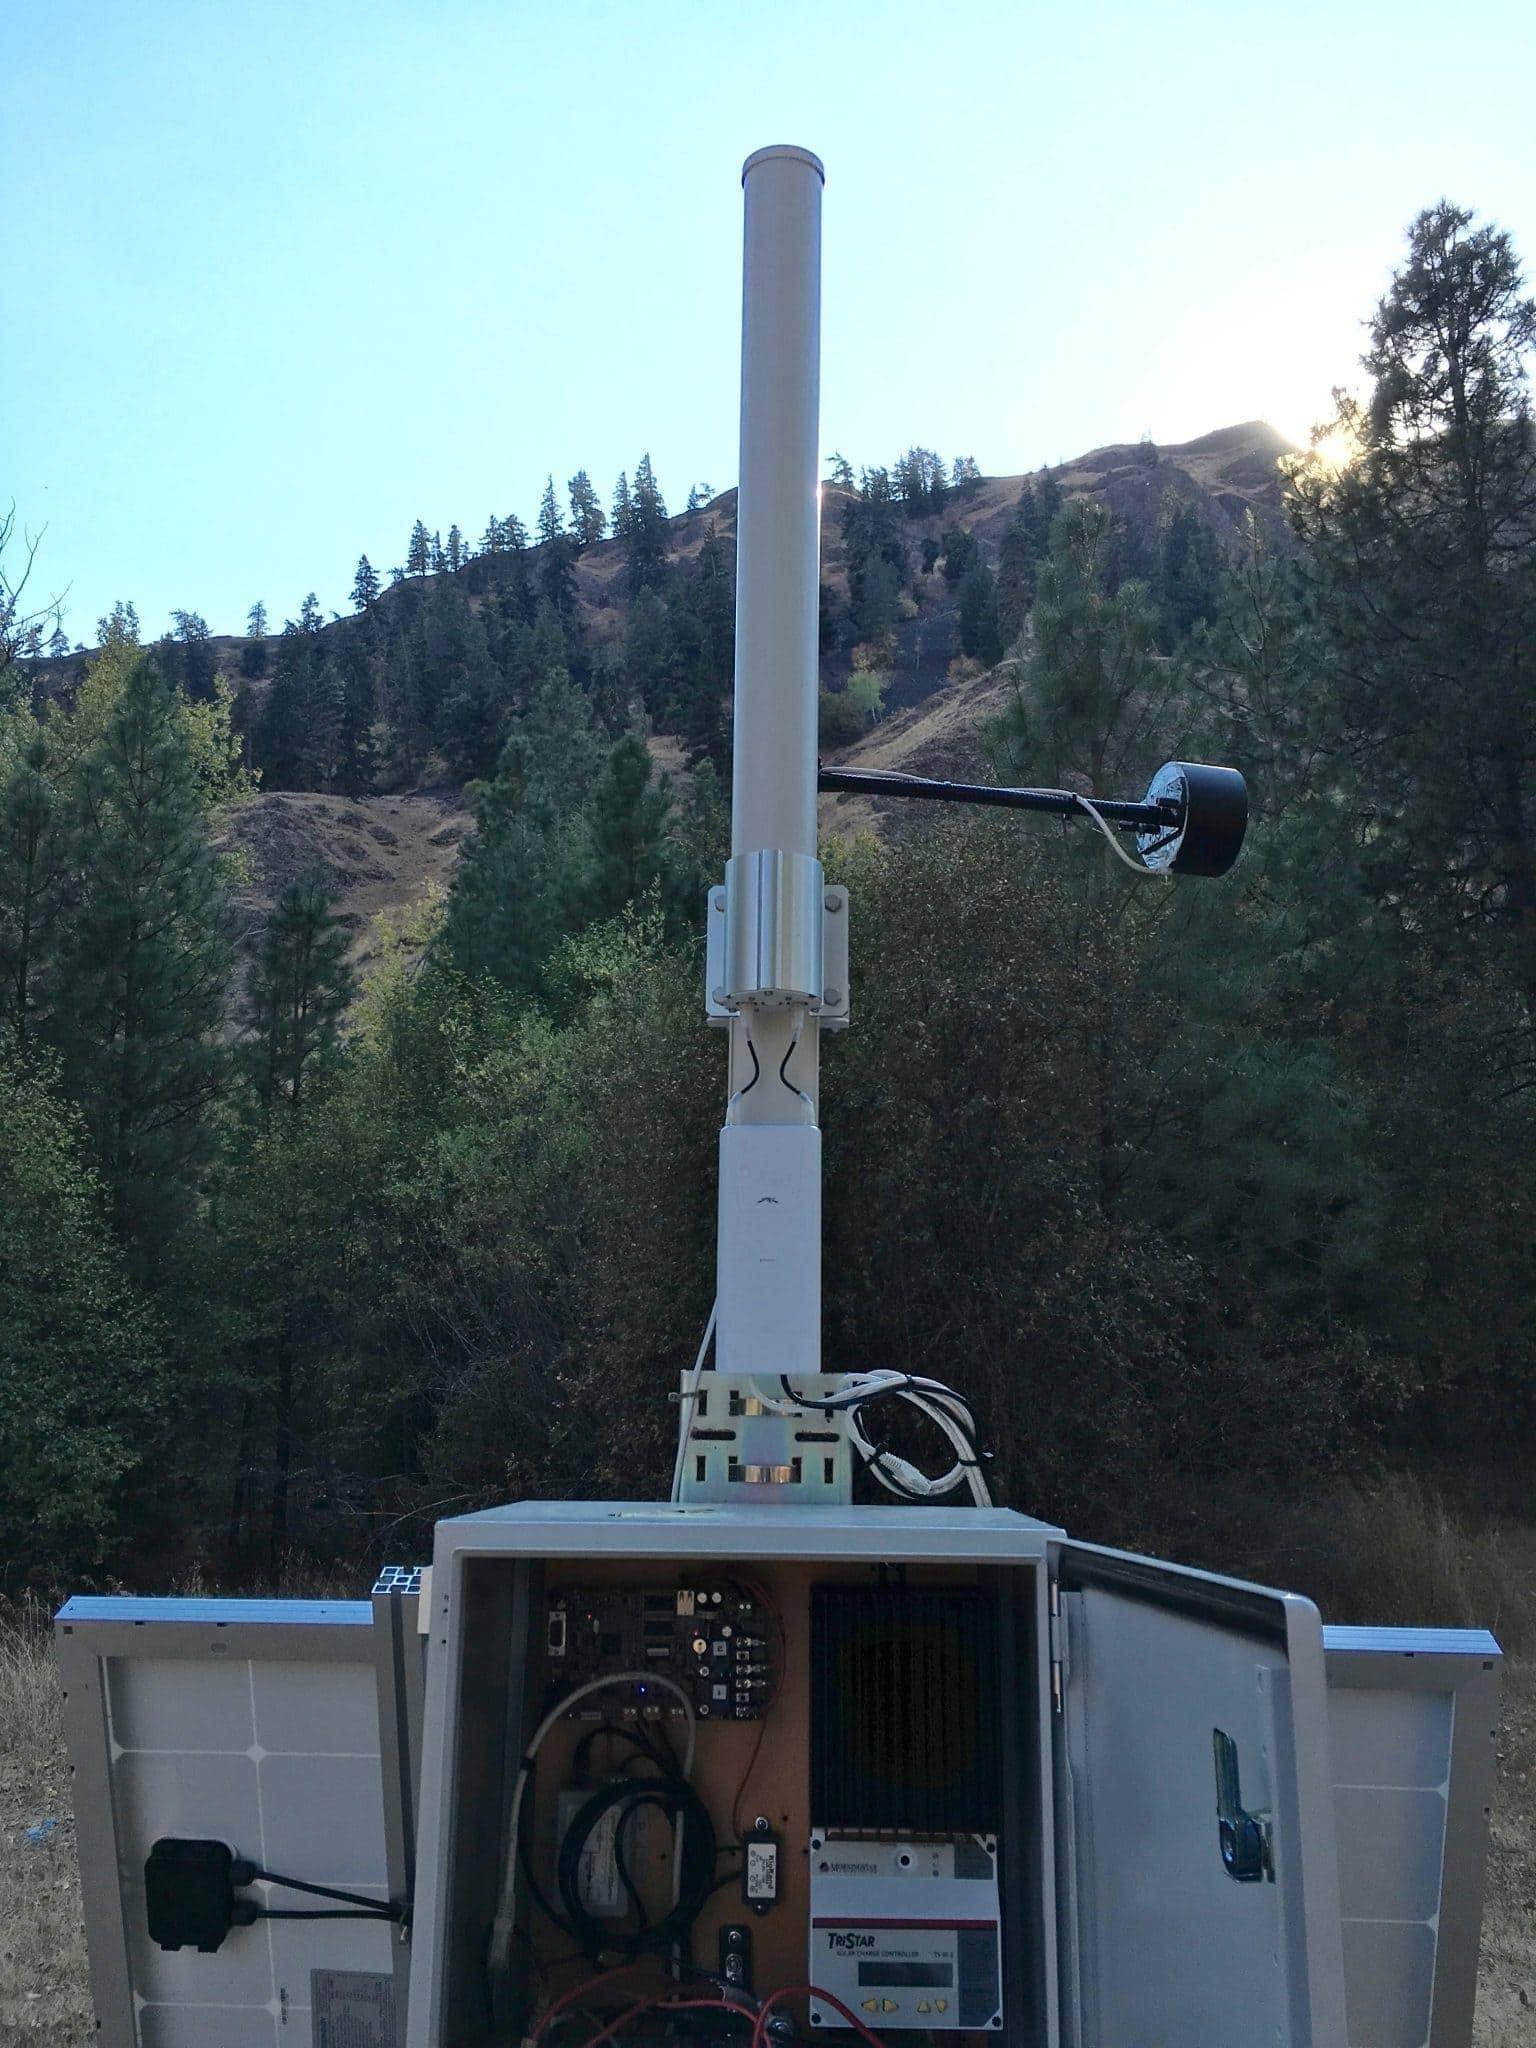 Antenna and AP